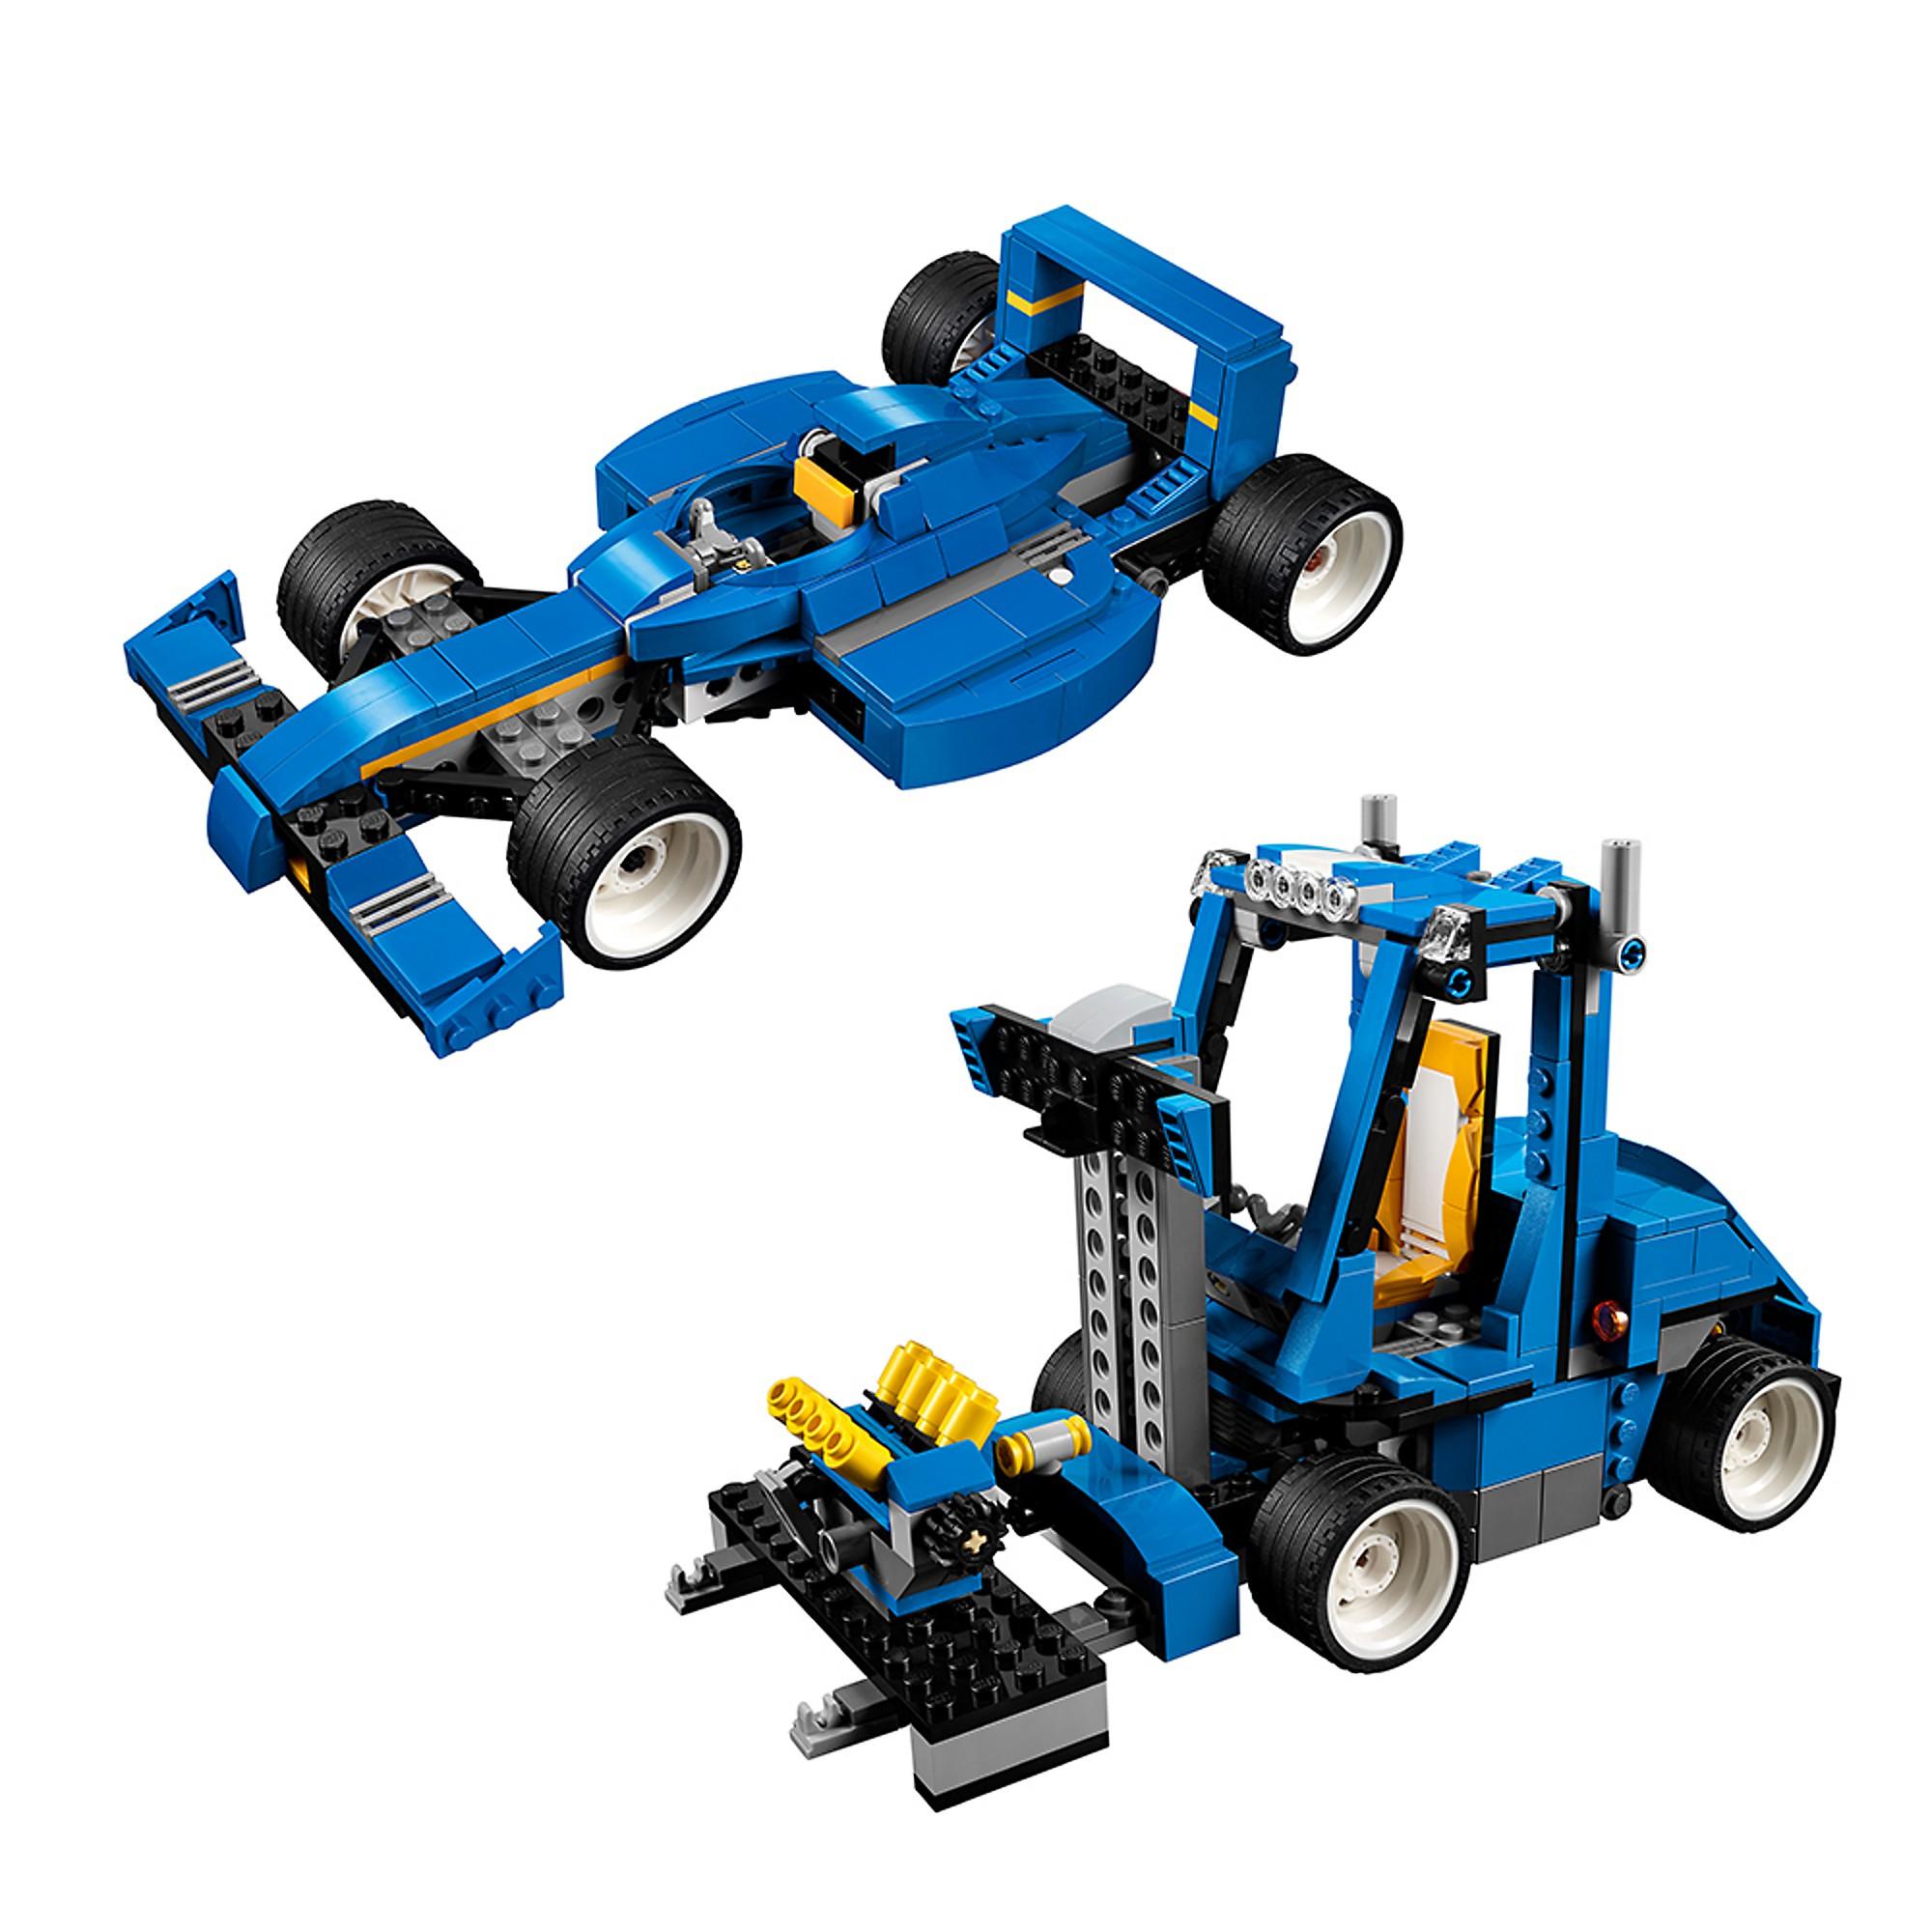 LEGO 31070 31070 31070 Le bolide Blau 0b6e6f